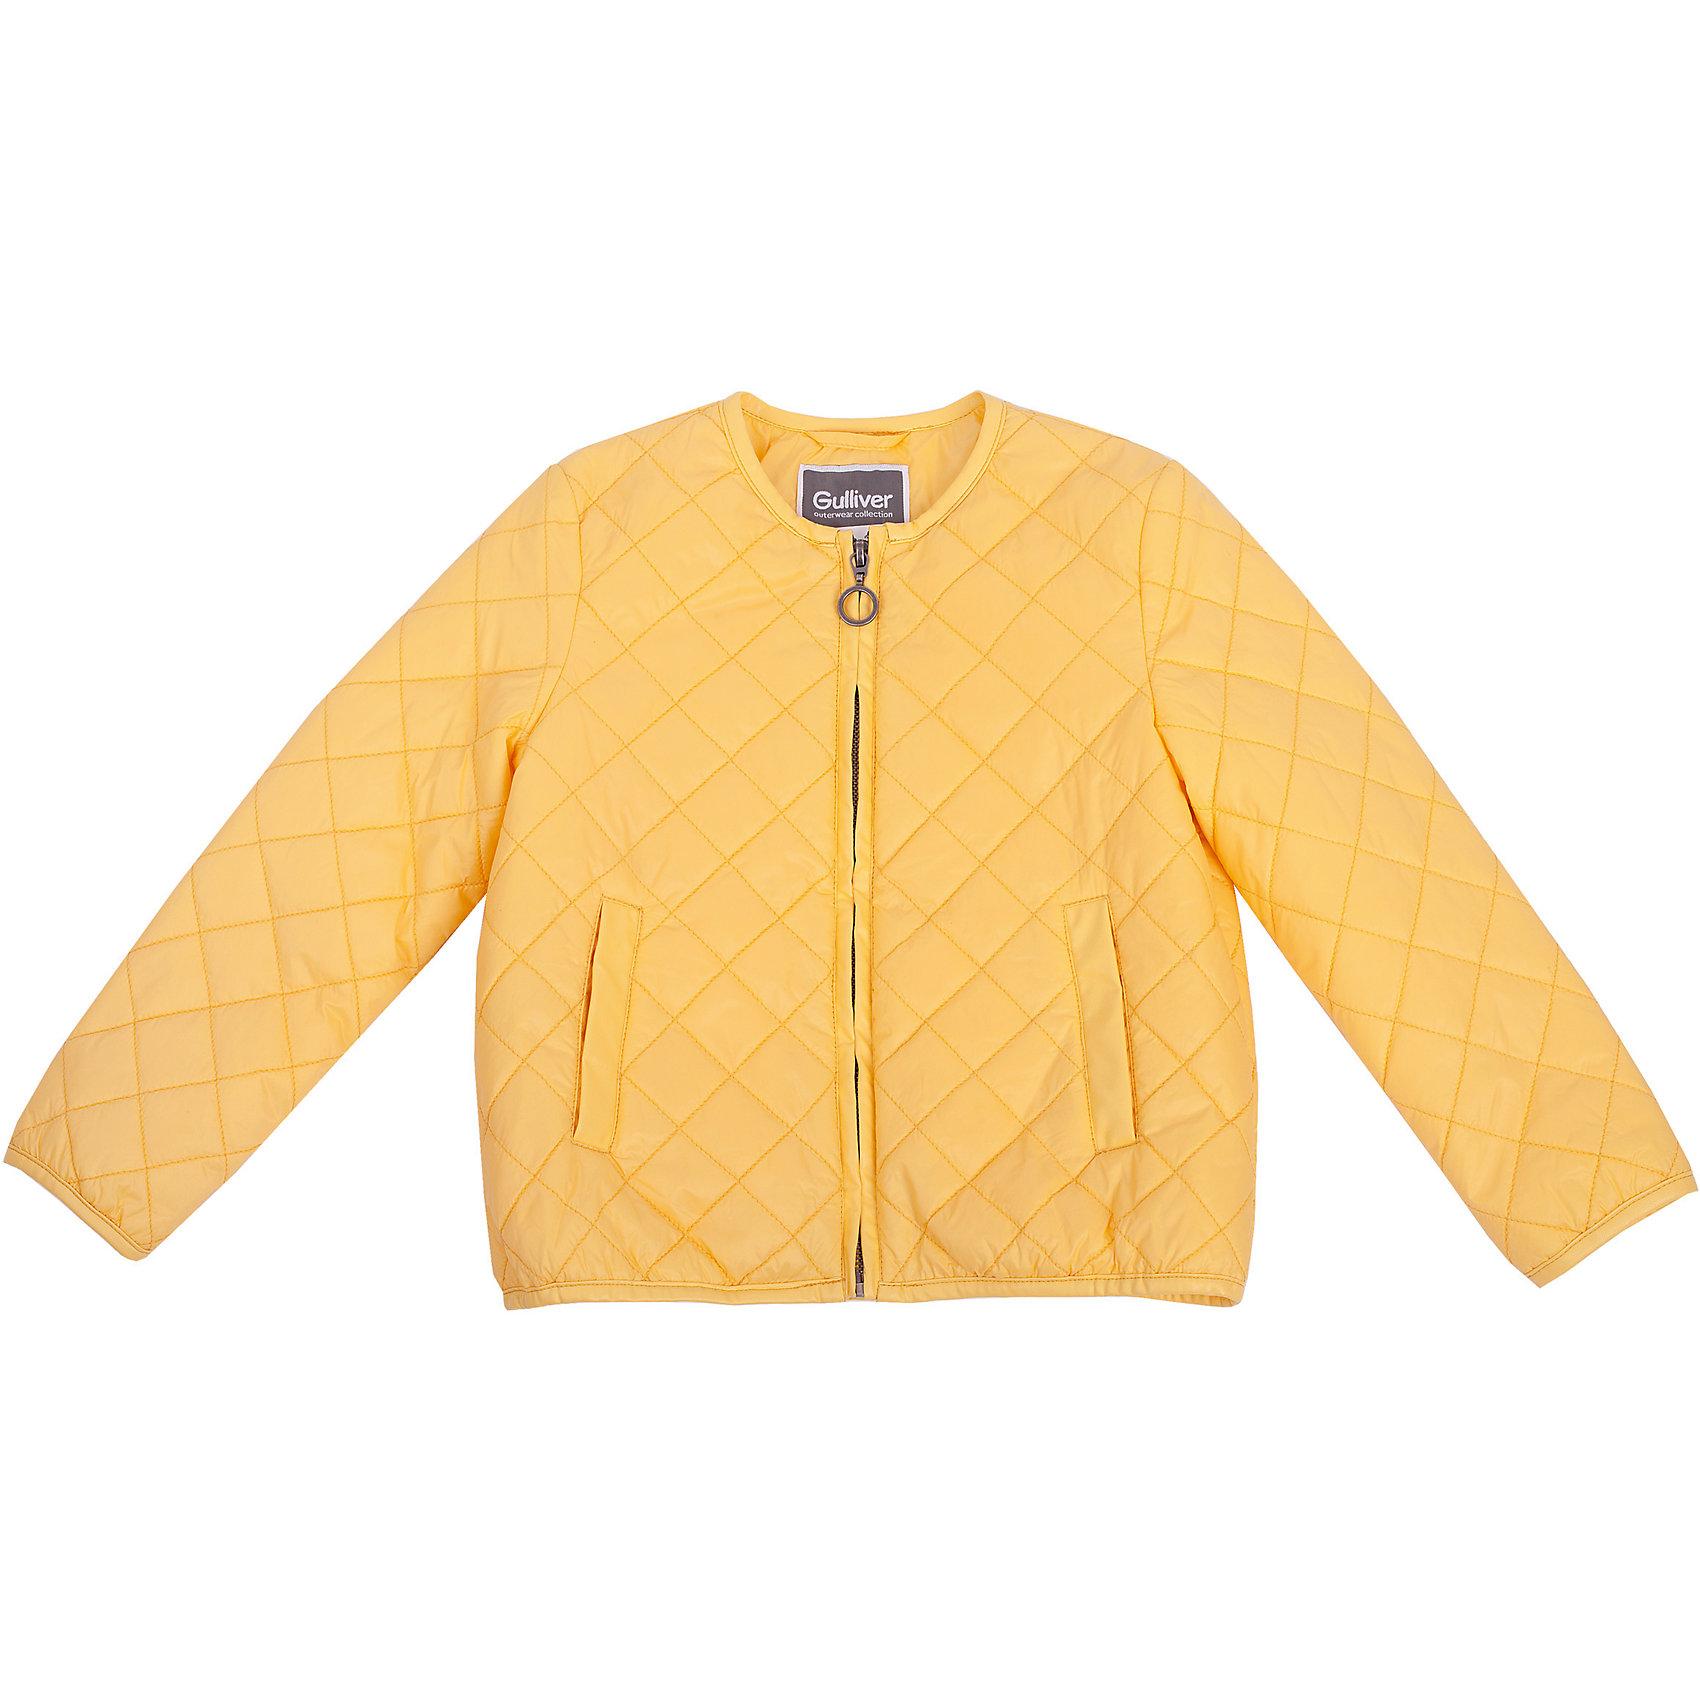 Куртка для девочки GulliverКупить стеганую куртку для весны - значит, позаботиться о комфорте ребенка в период межсезонья, когда уже так хочется одеться легко, но погода еще бывает весьма обманчива. Яркая стеганая куртка создает настроение, притягивая солнечные лучи и восхищенные взгляды! Модный крой, укороченный прямой силуэт, отсутствие воротника делают куртку стильной, необычной, соответствующей последним тенденциям моды. Текстильная подкладка со значительным содержанием хлопка создает комфорт и удобство в повседневной носке.<br>Состав:<br>верх: 100% нейлон; подкладка: 50% хлопок  50% полиэстер; утеплитель: 100% полиэстер<br><br>Ширина мм: 356<br>Глубина мм: 10<br>Высота мм: 245<br>Вес г: 519<br>Цвет: желтый<br>Возраст от месяцев: 36<br>Возраст до месяцев: 48<br>Пол: Женский<br>Возраст: Детский<br>Размер: 104,110,116,98<br>SKU: 4534622